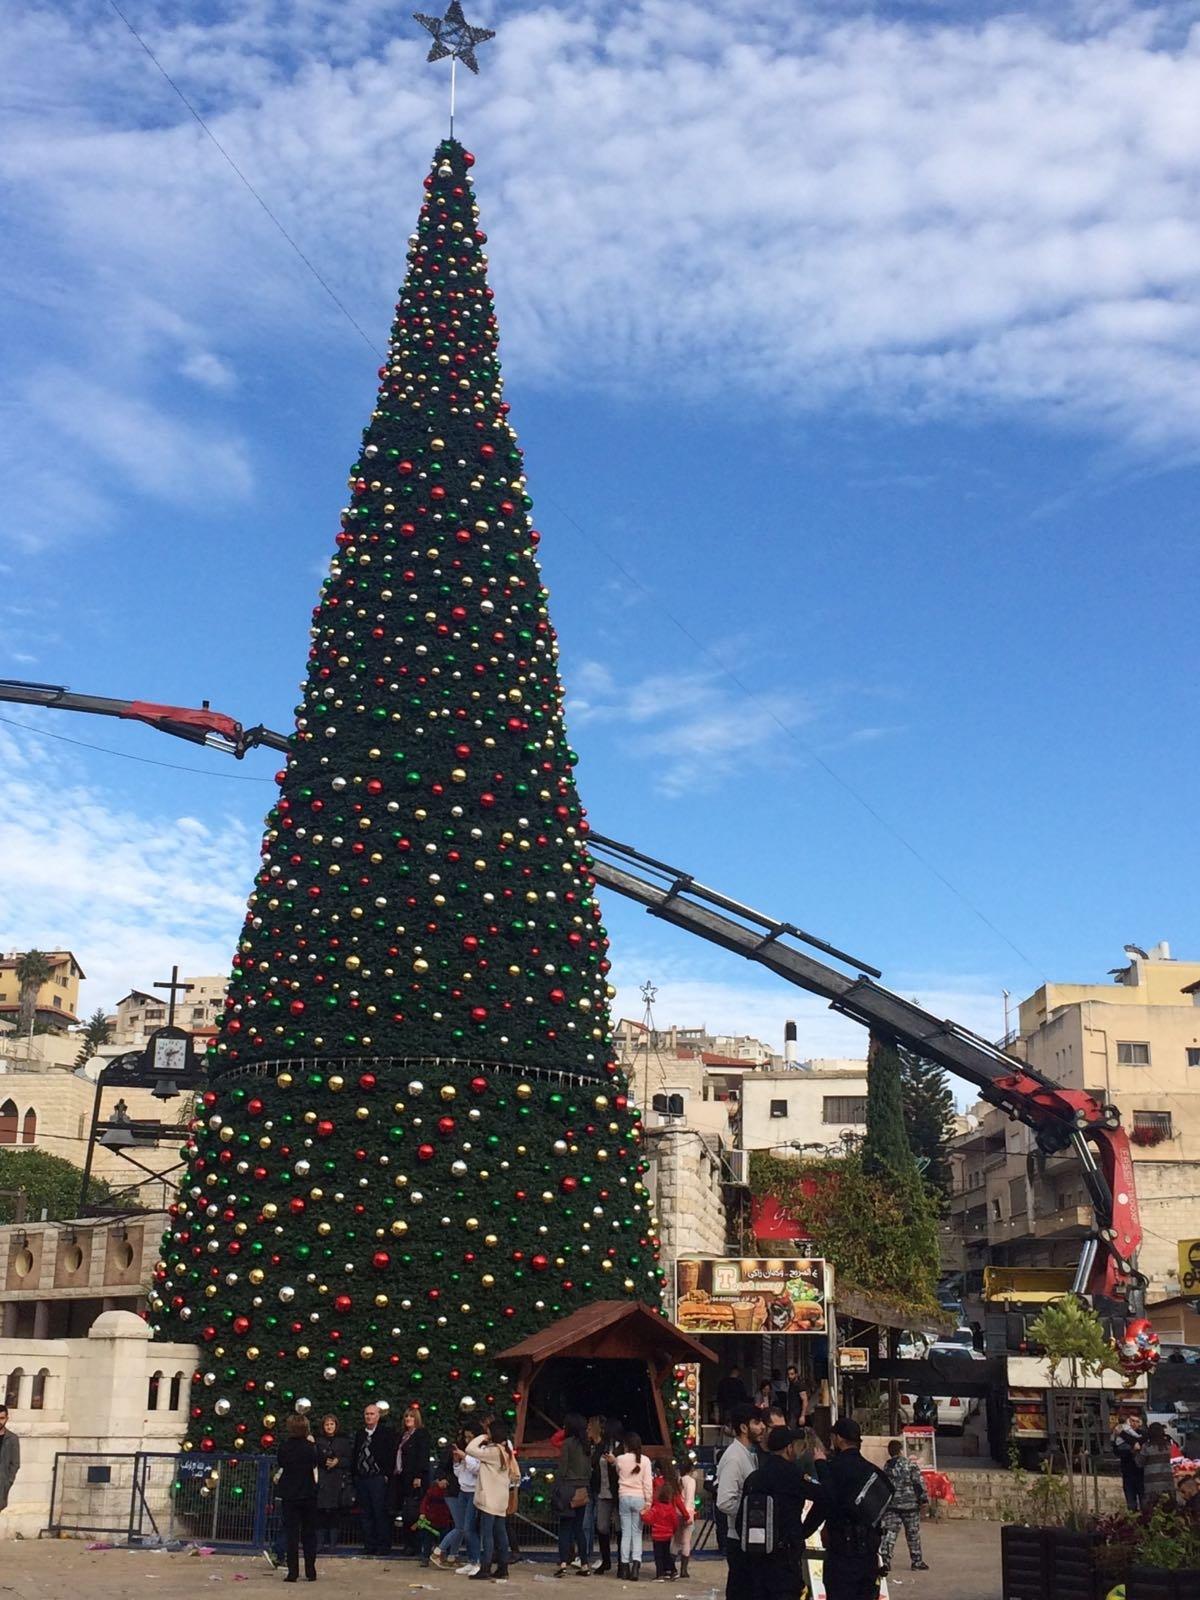 الناصرة تستعد للكريسماس ماركت وإضاءة شجرة الميلاد